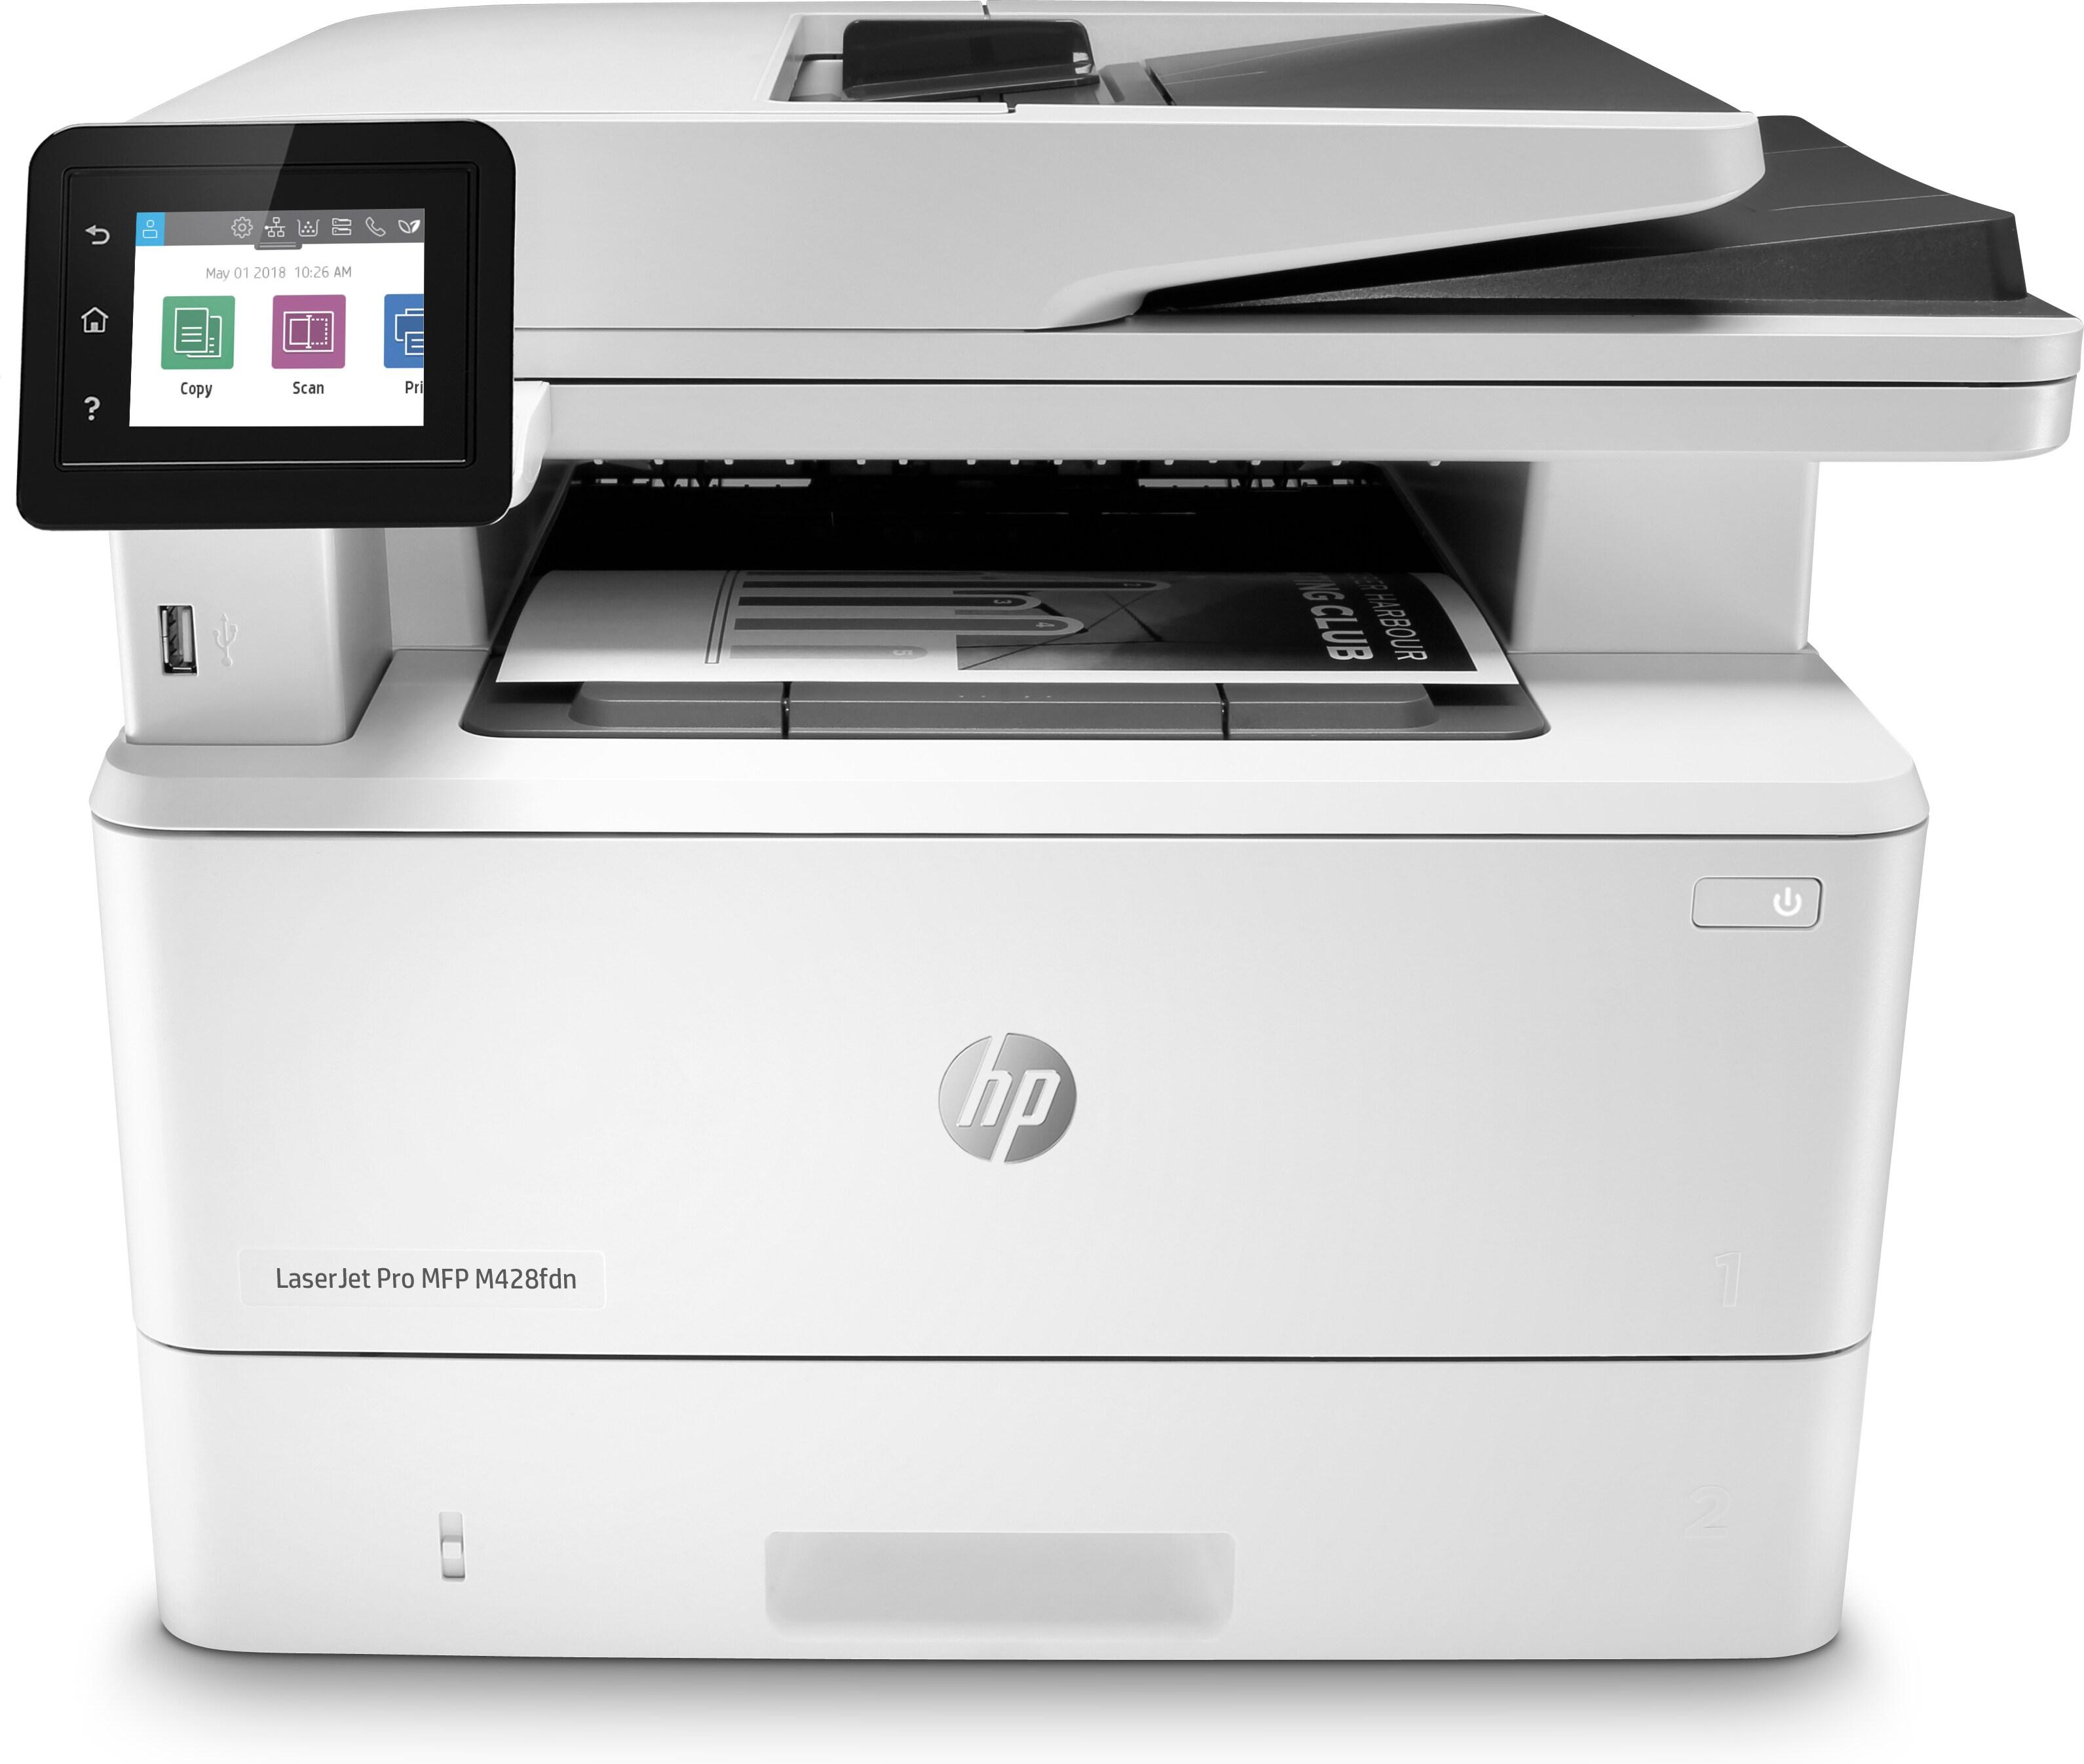 HP Multifunzione LaserJet Pro M428fdn